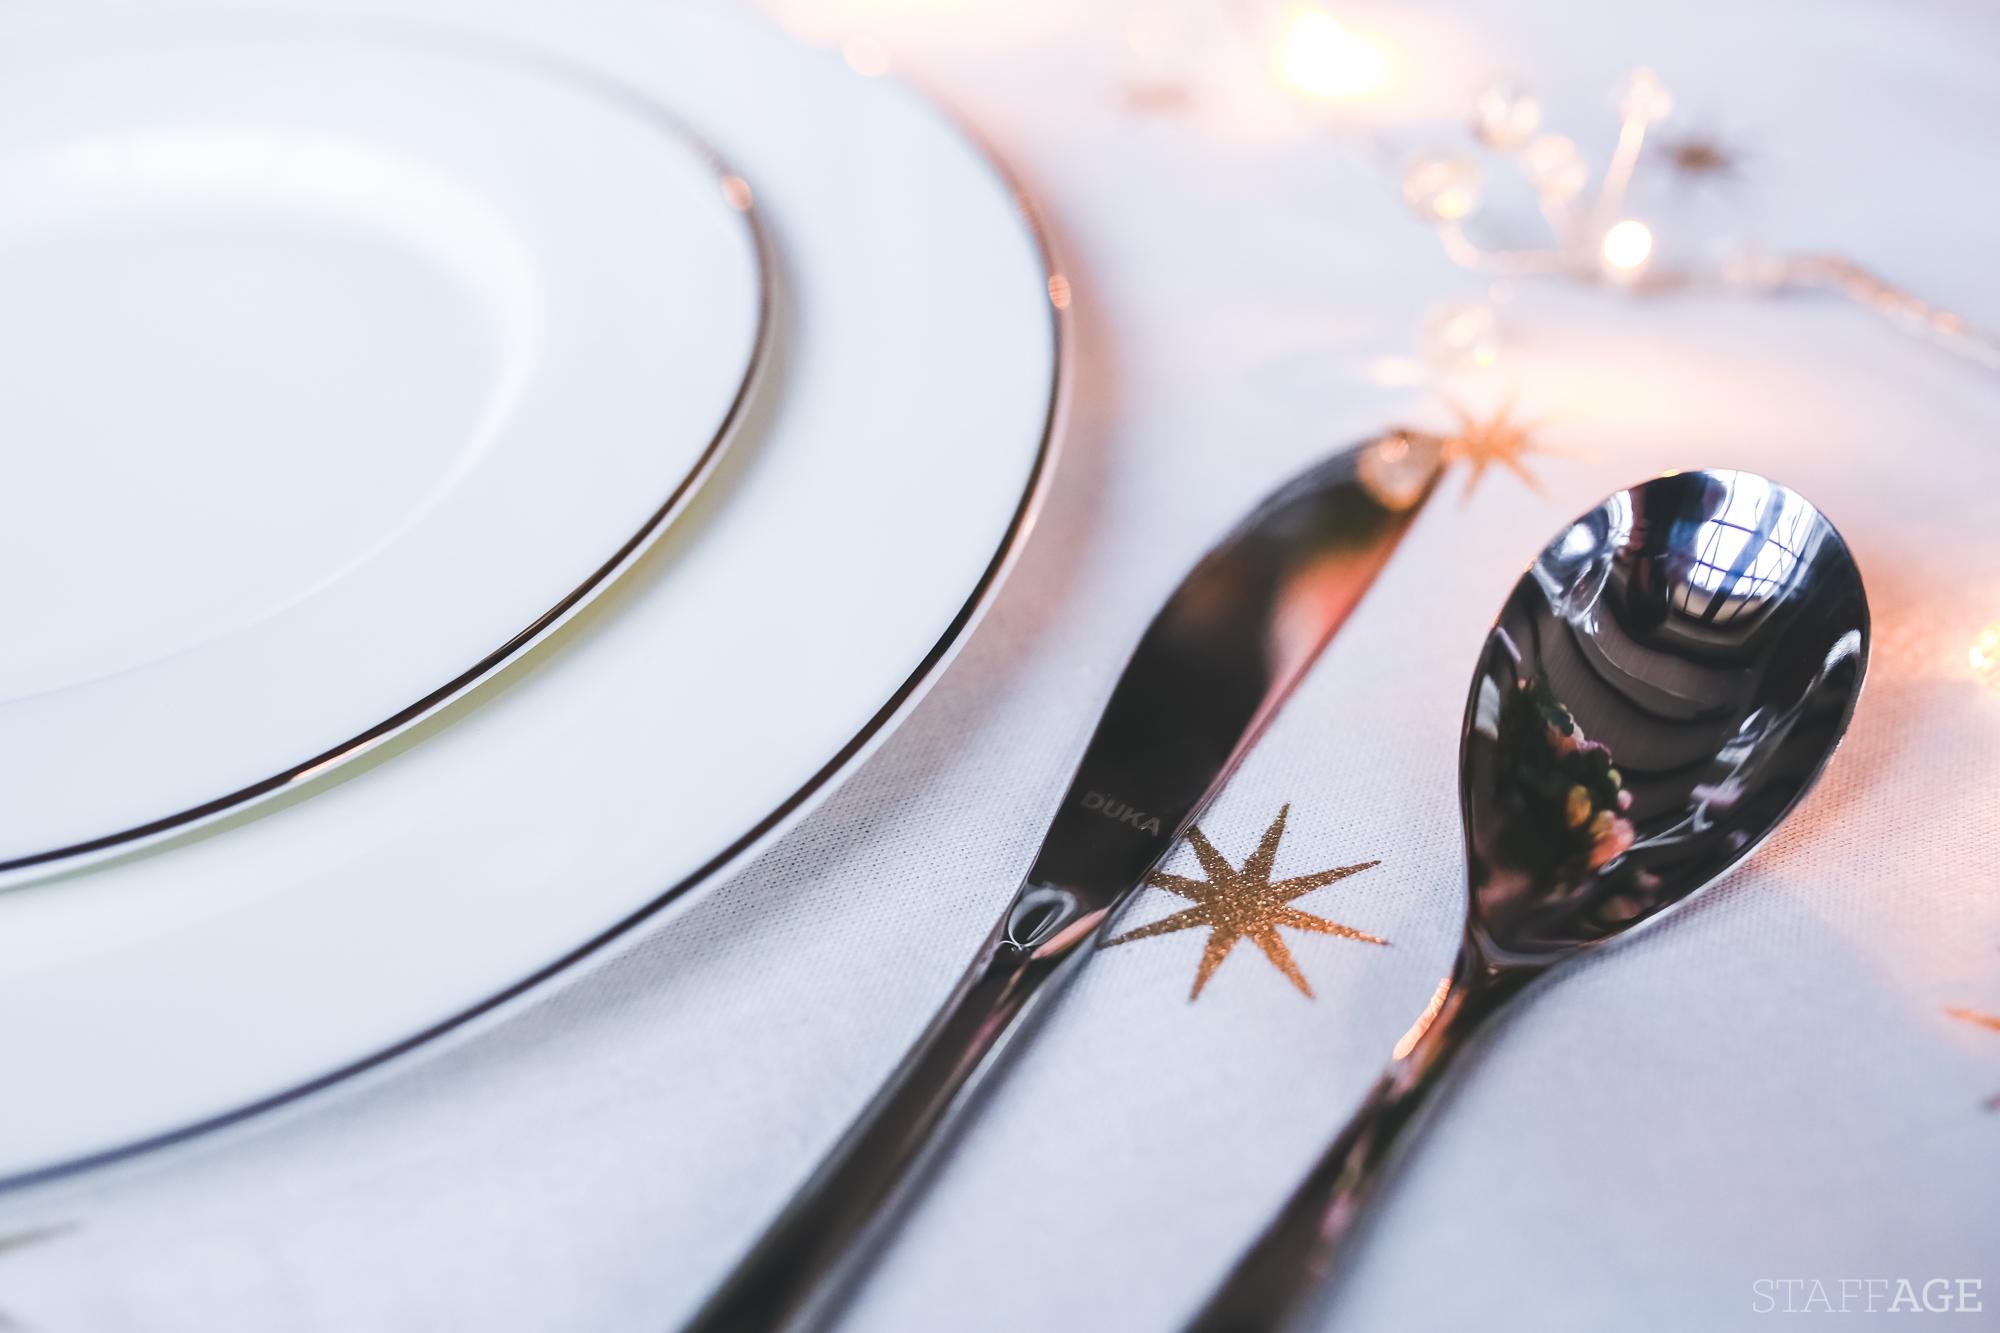 6 Staffagepl wigilijny stol pomysly na jadalnie swiateczne aranzacje chrstmas table settings ideas interior design winter flowers tableware